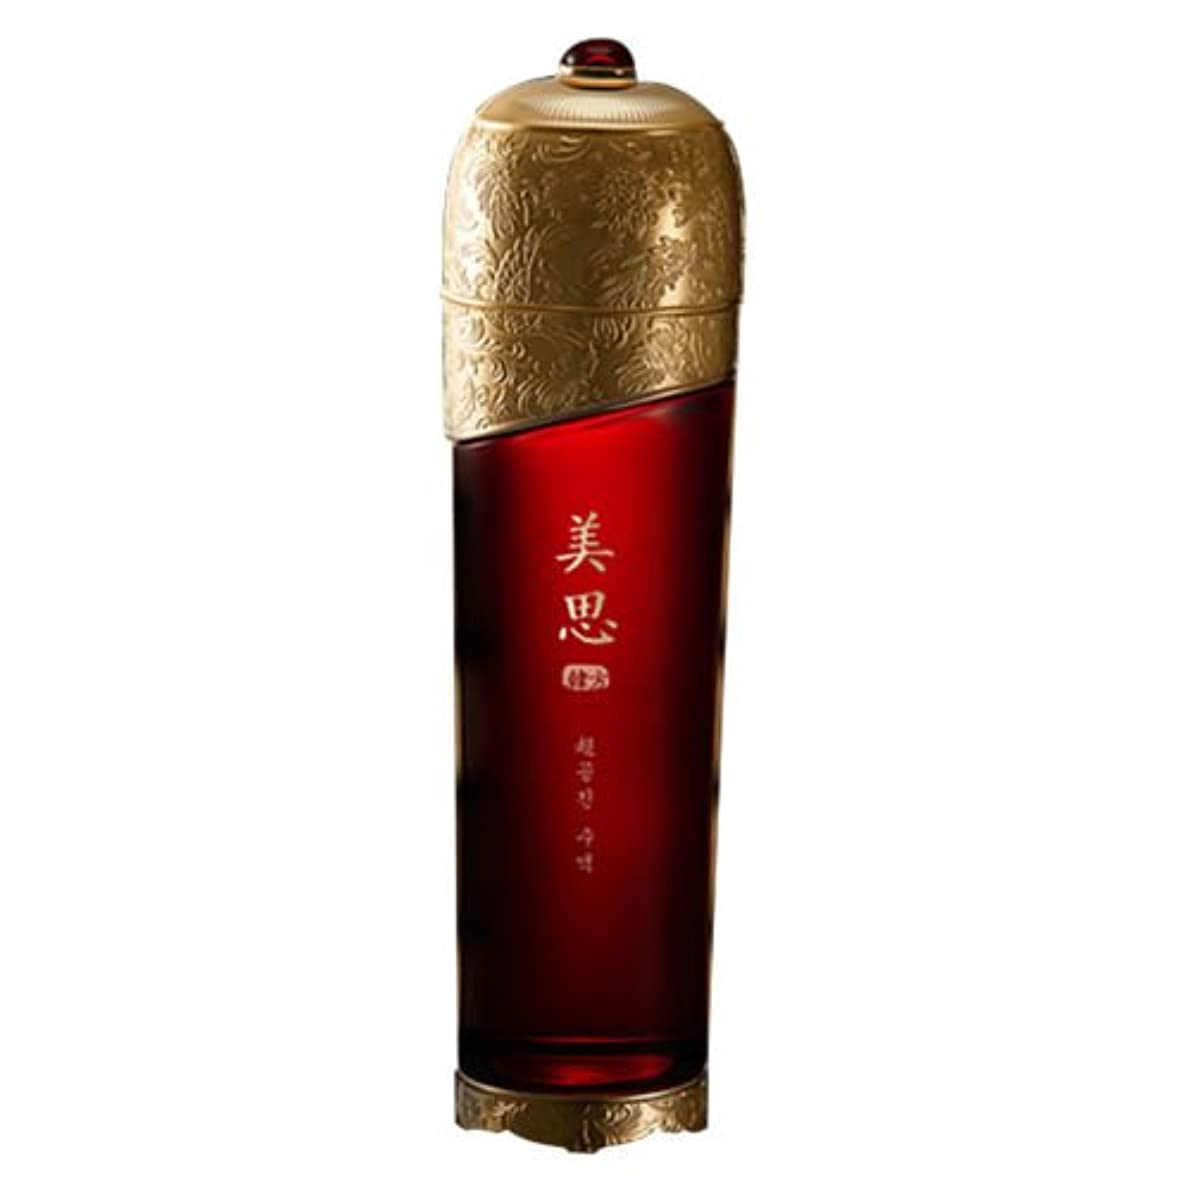 指導する閃光品揃えMISSHA(ミシャ)美思 韓方 旧チョボヤン (超)チョゴンジン 化粧水 基礎化粧品 スキンケア